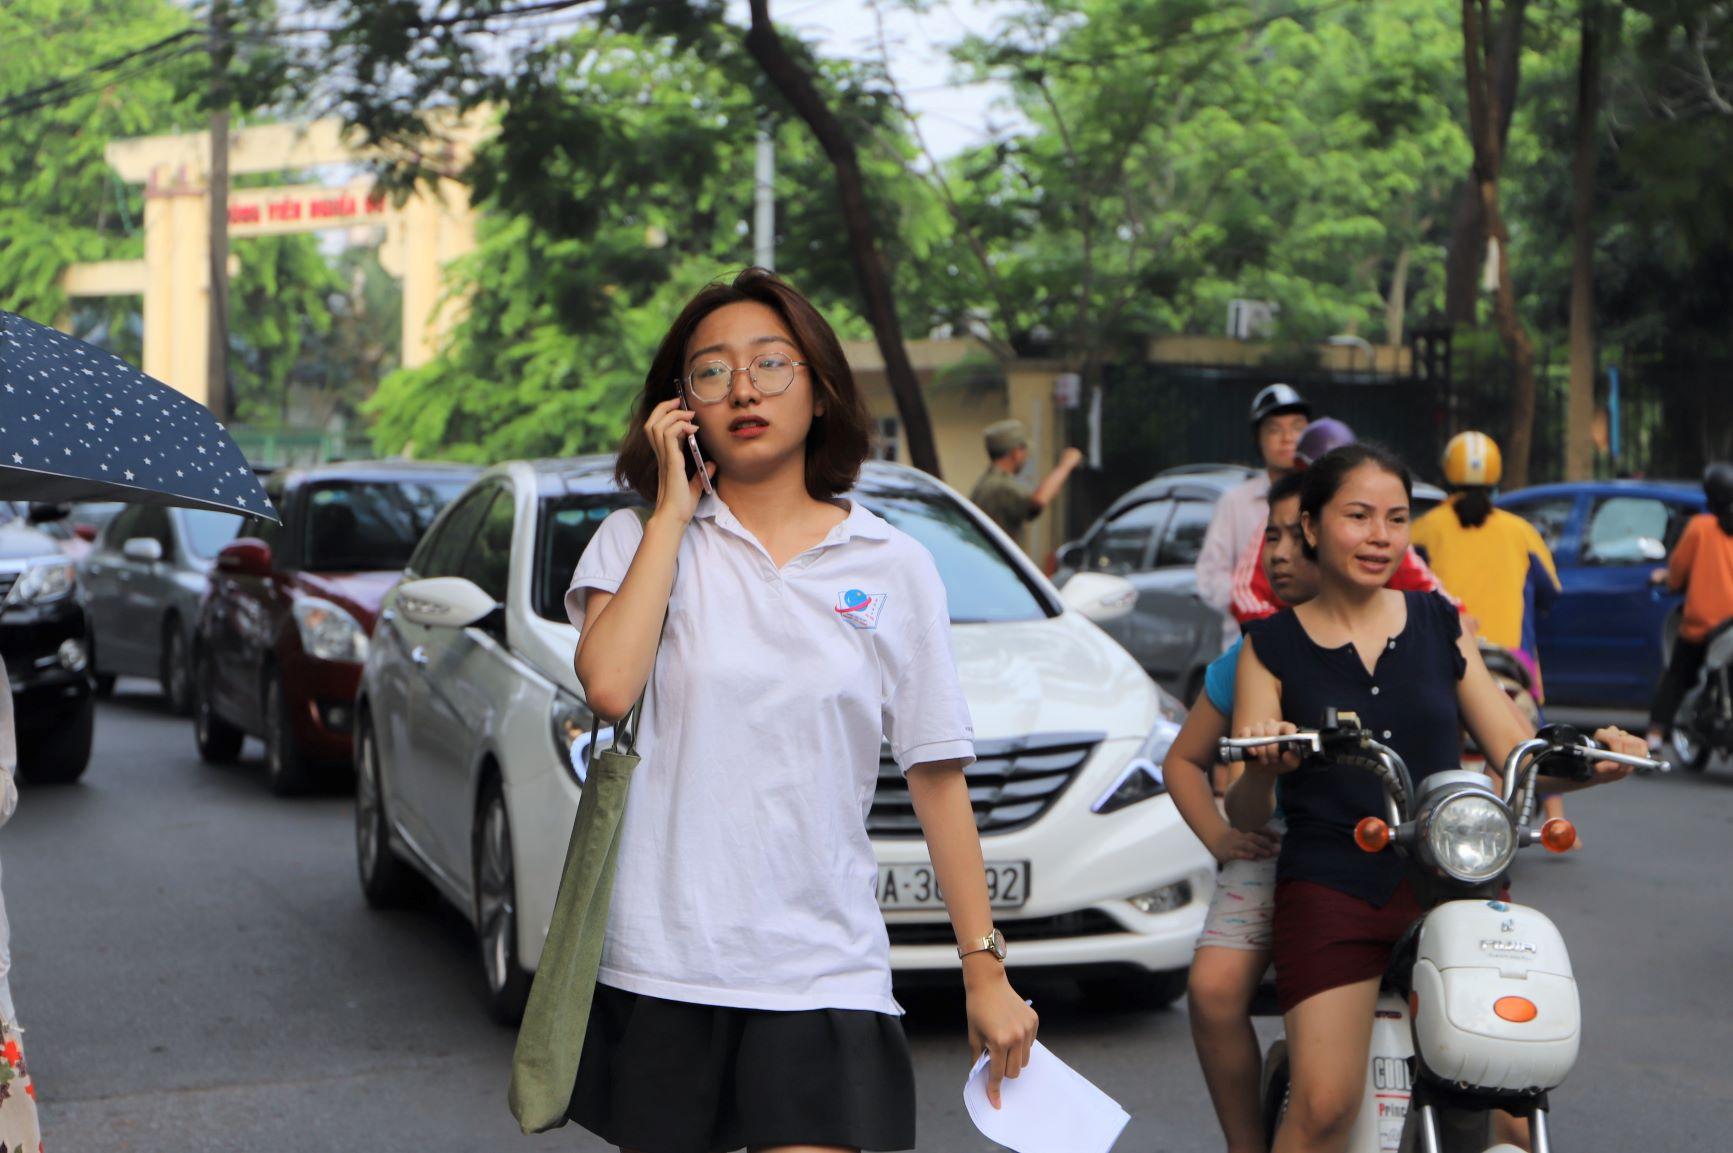 Một nữ sinh vội vã gọi điện thông báo cho người thân sau khi thi xong